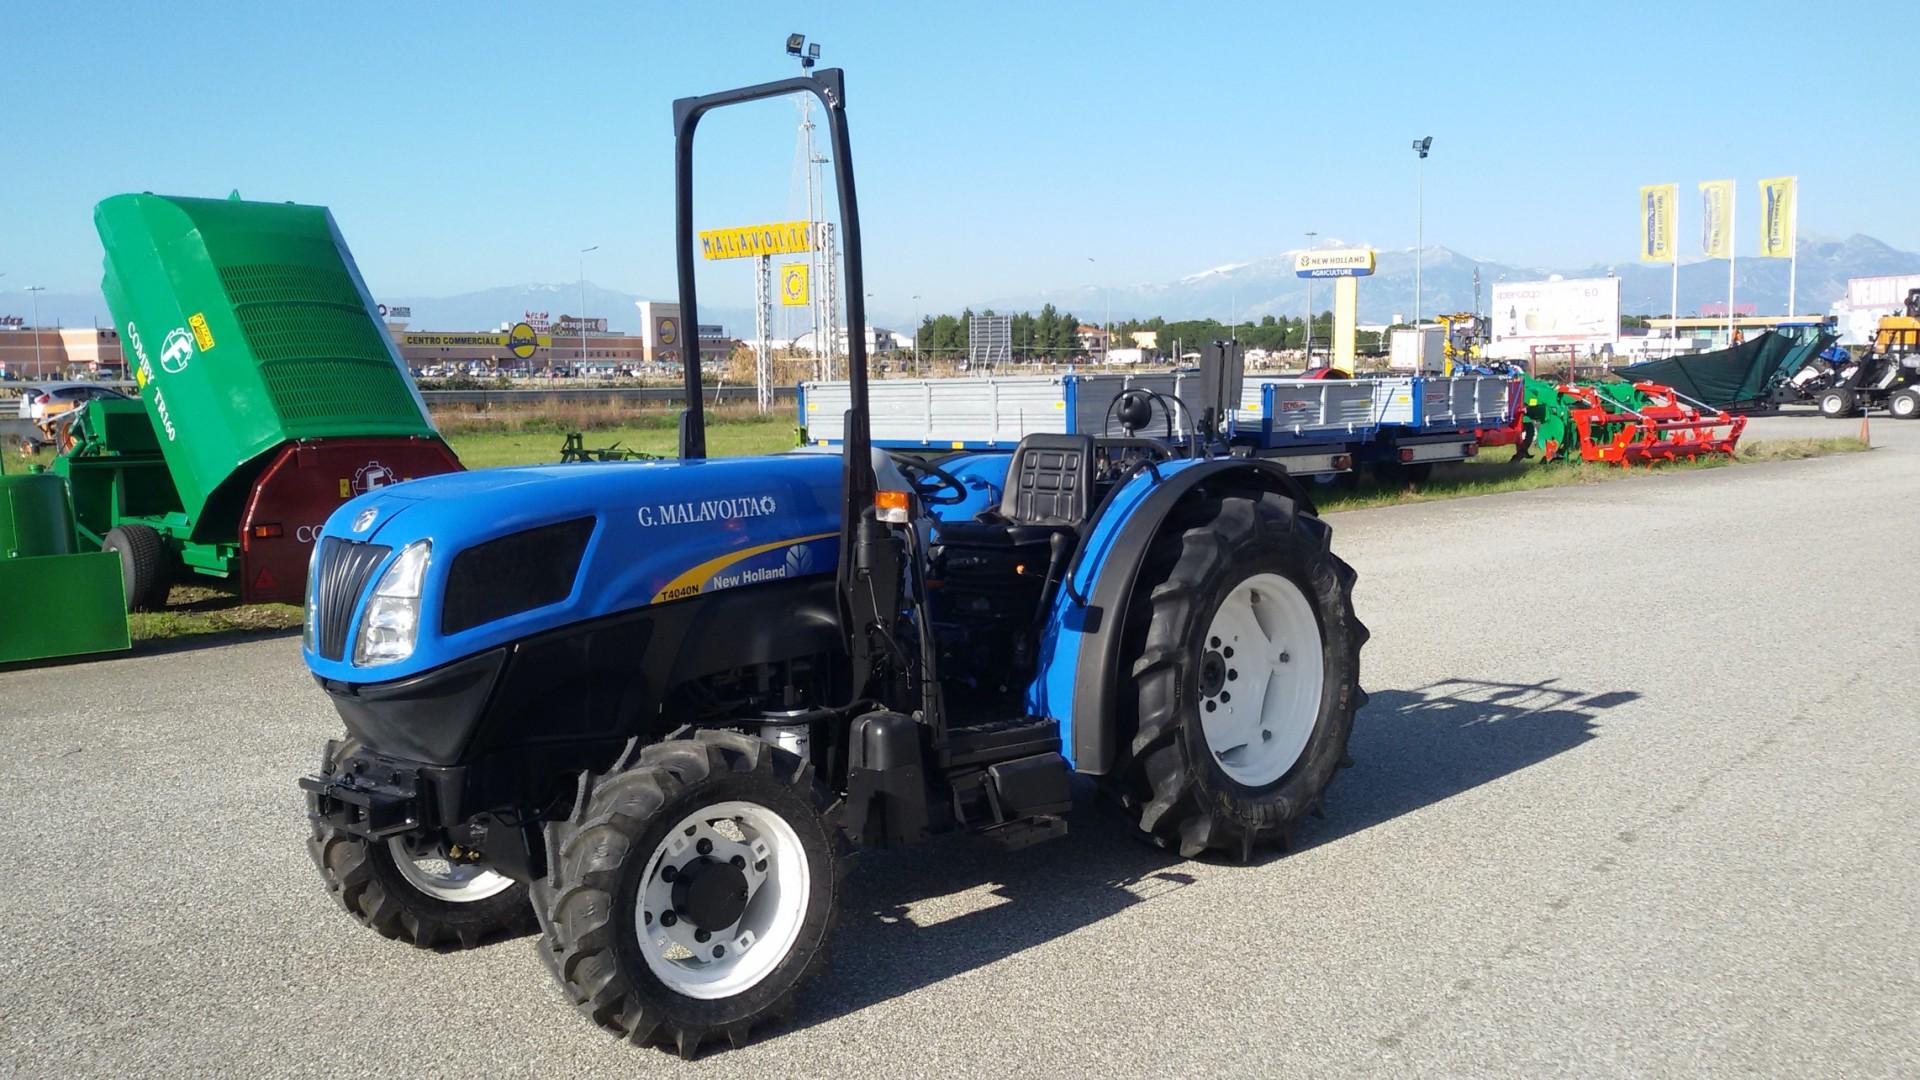 trattore usato new holland t4040n visto di profilo